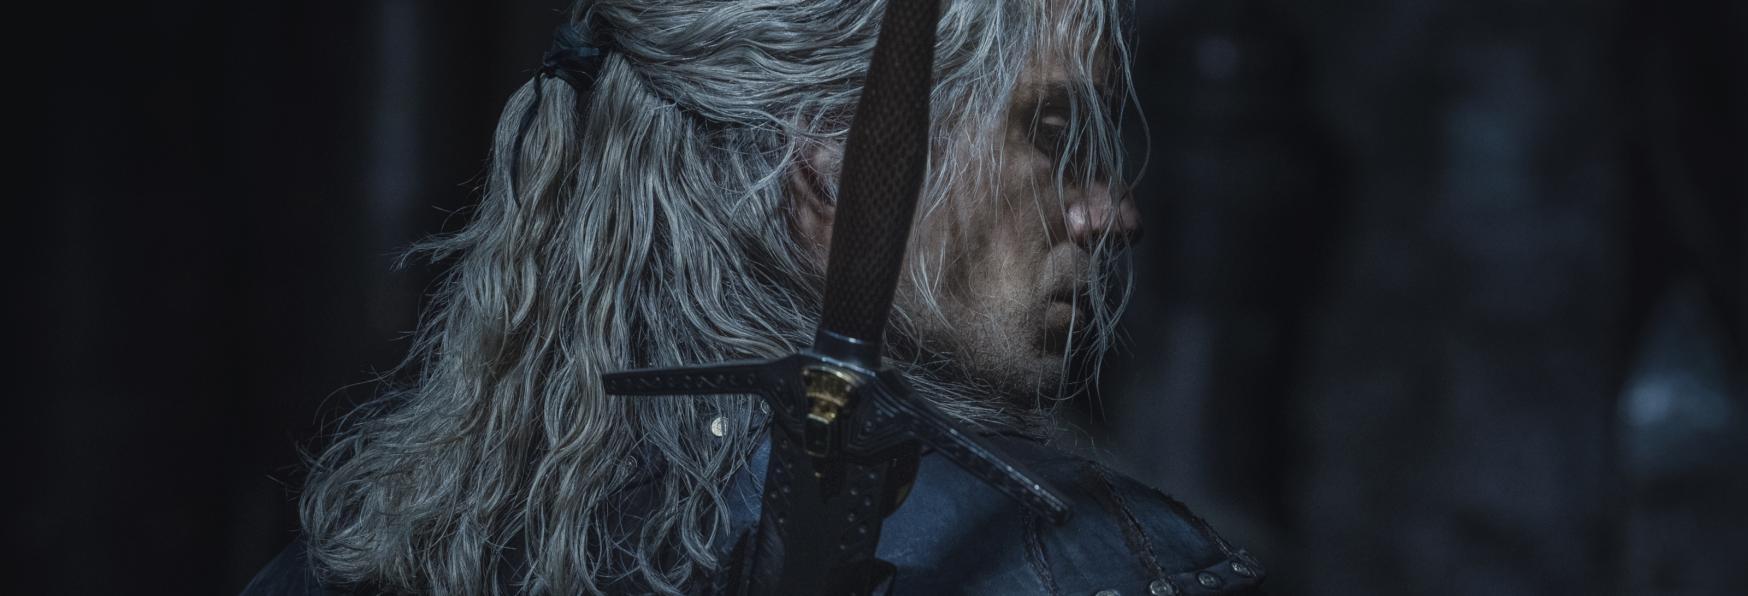 The Witcher 2: Svelata la Data di Uscita della nuova Stagione? Il Post Misterioso